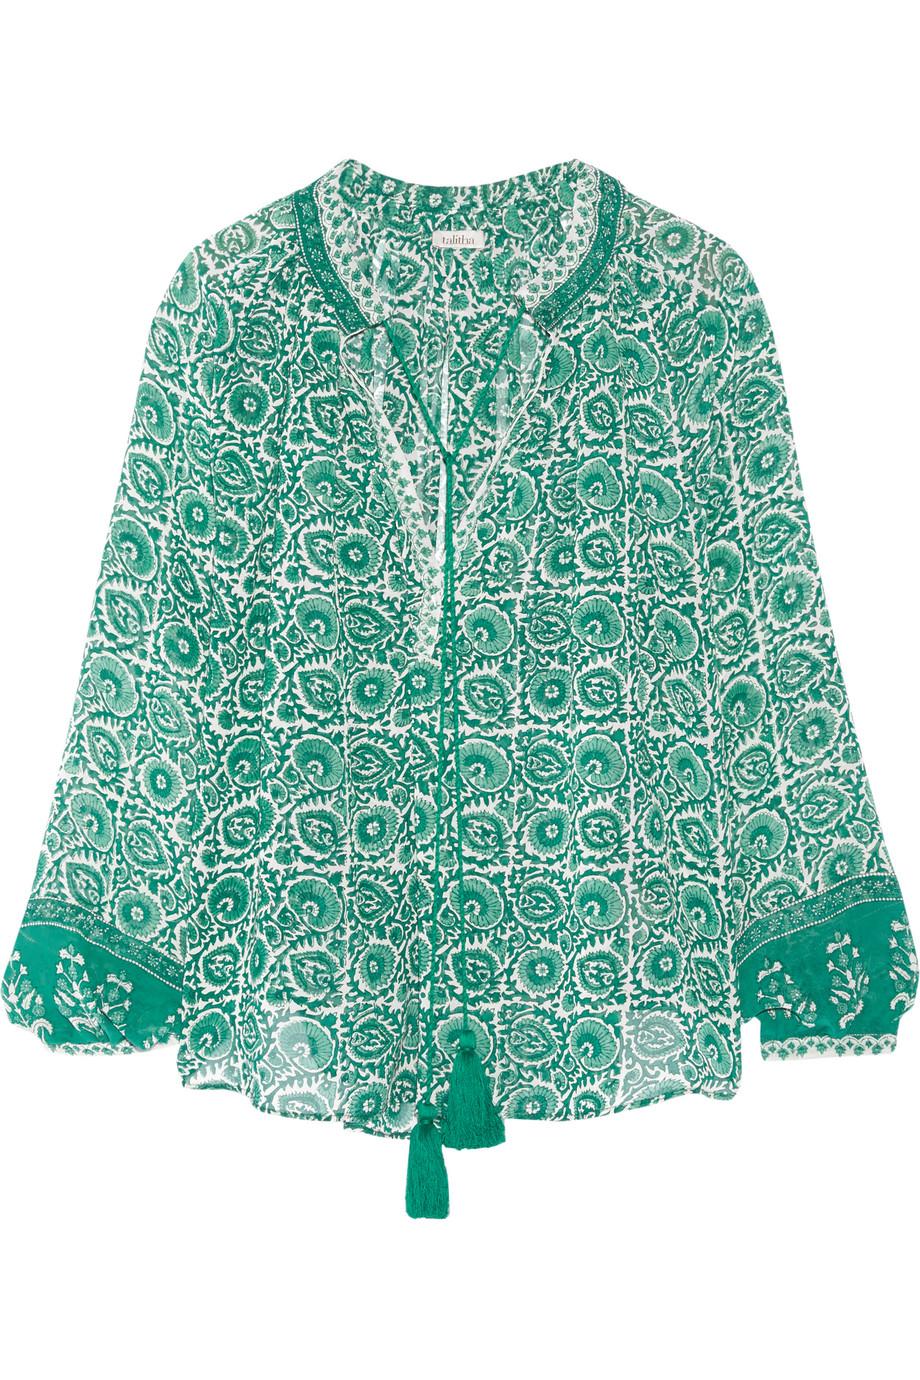 Talitha Indra Printed Silk-Chiffon Blouse, Jade, Women's, Size: M